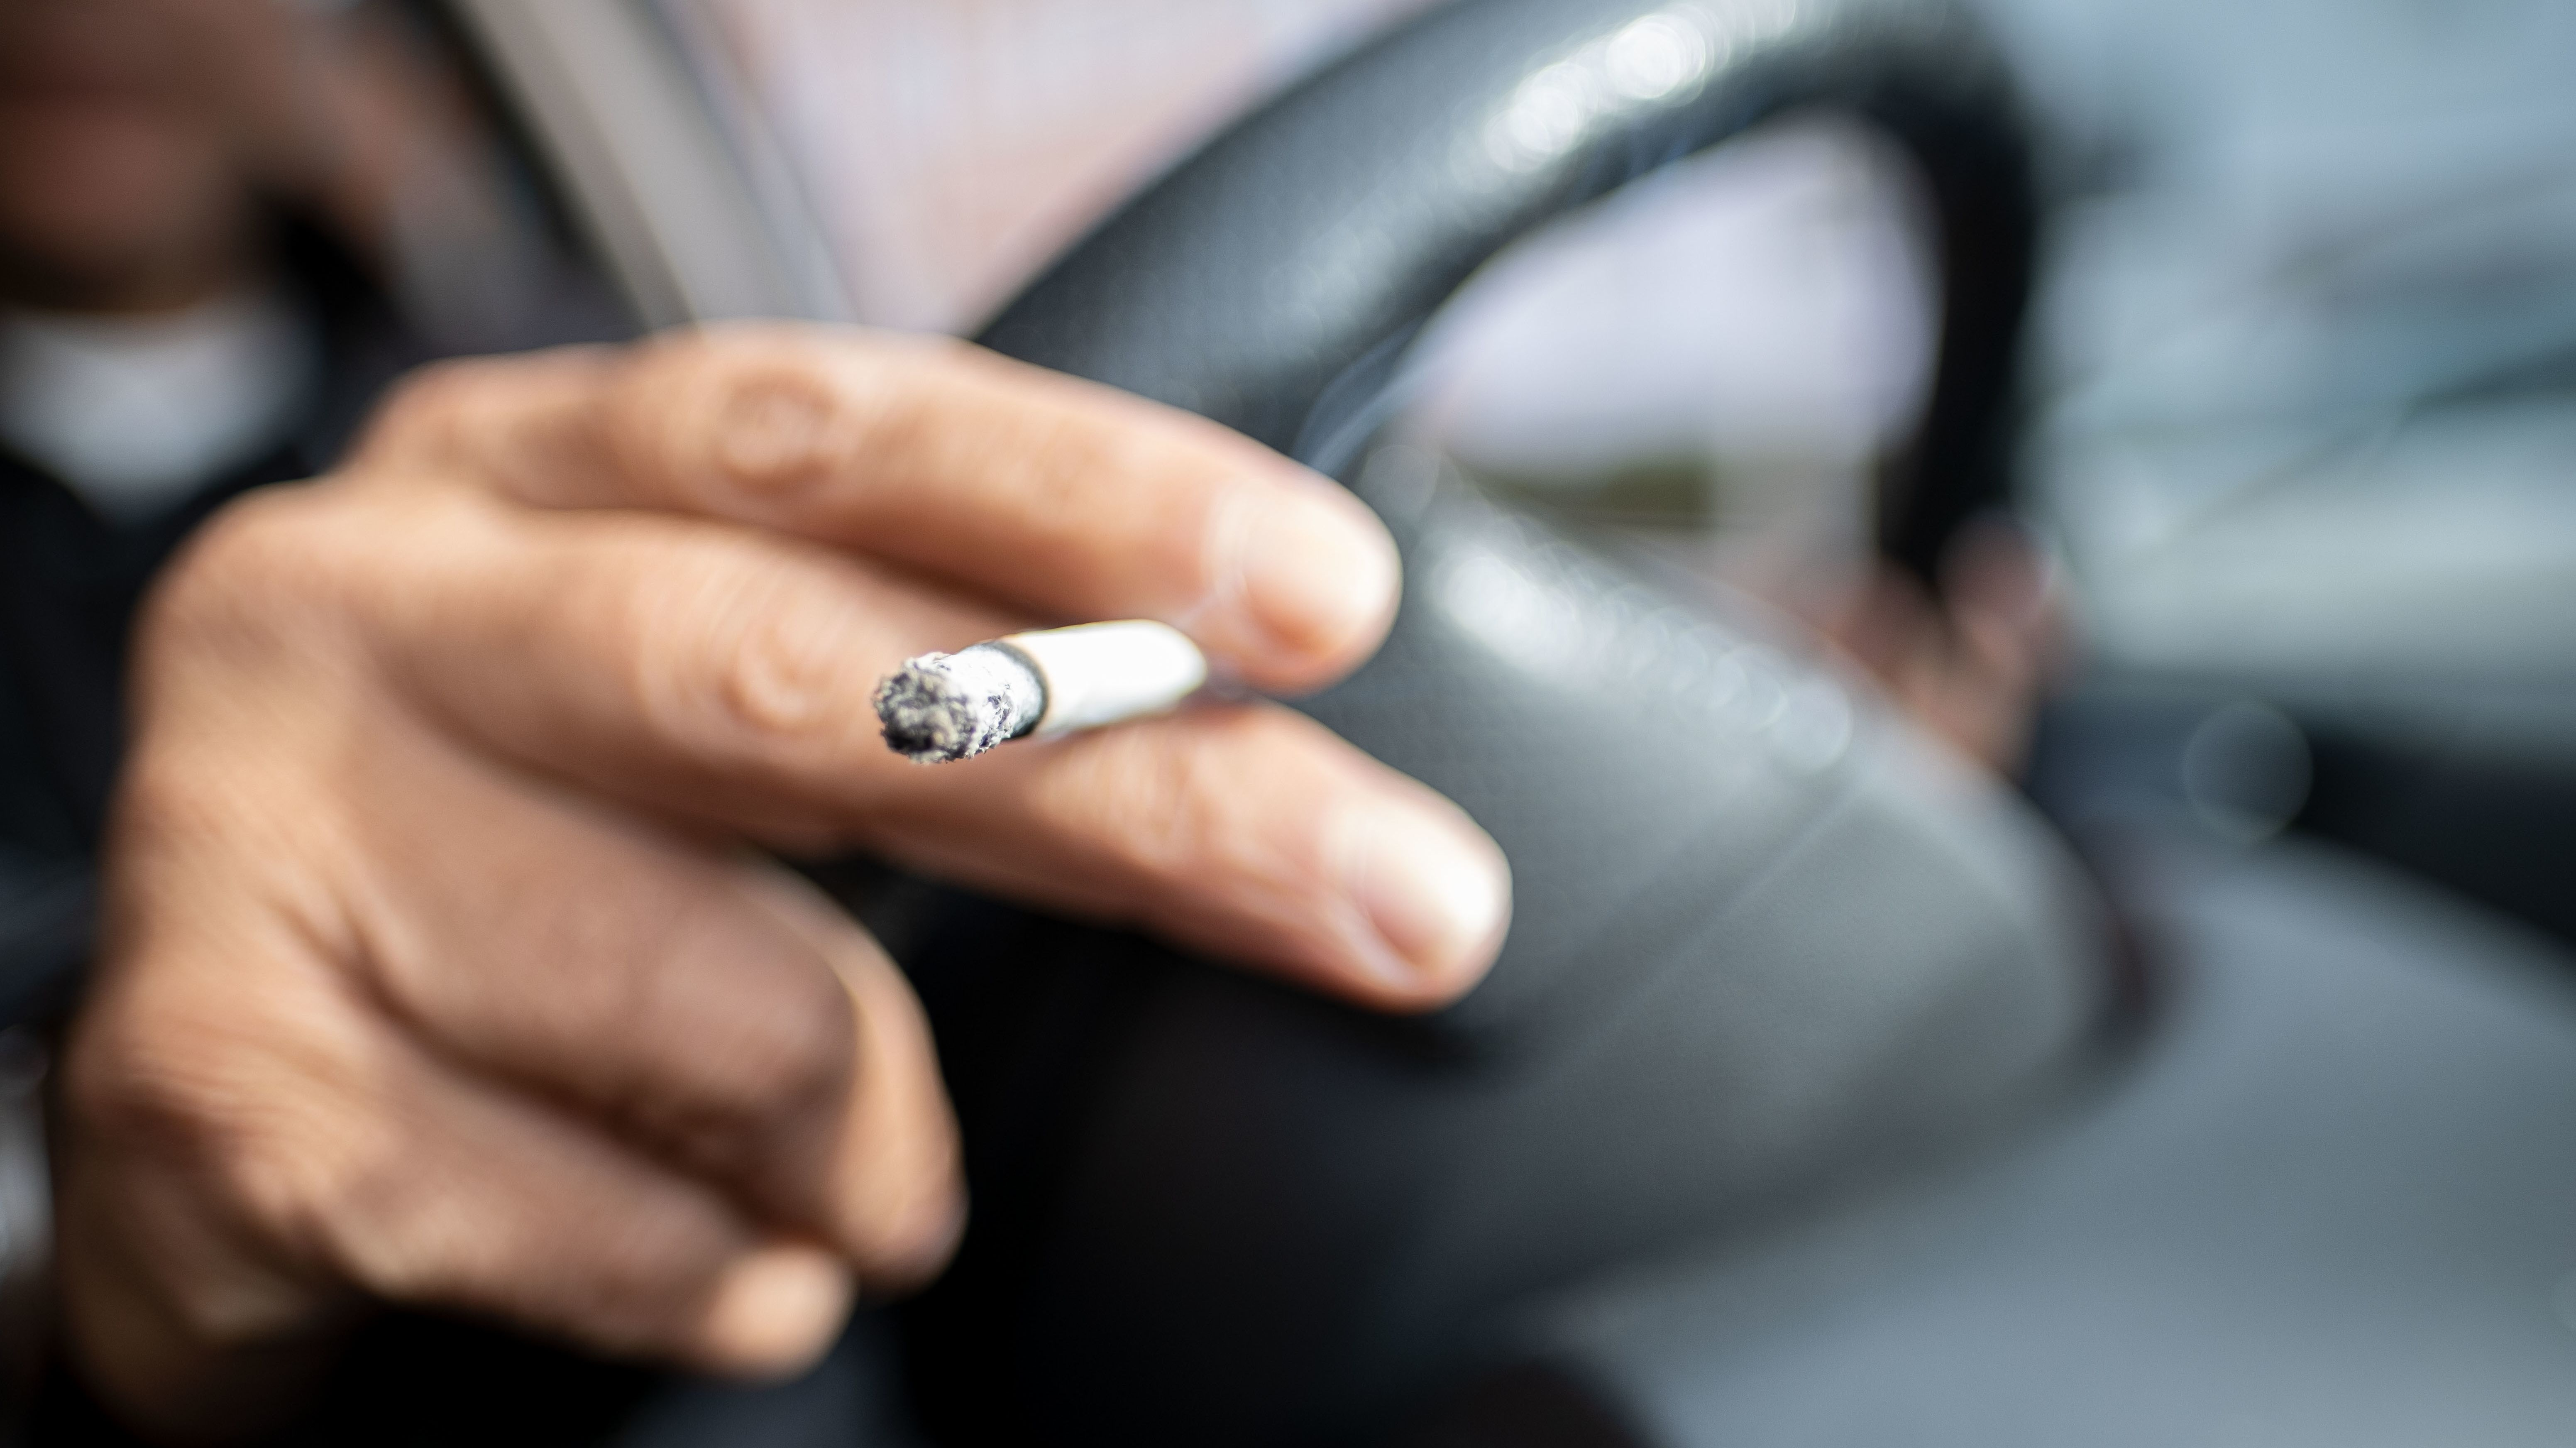 Symbolbild: Ein Mann raucht eine Zigarette im Auto